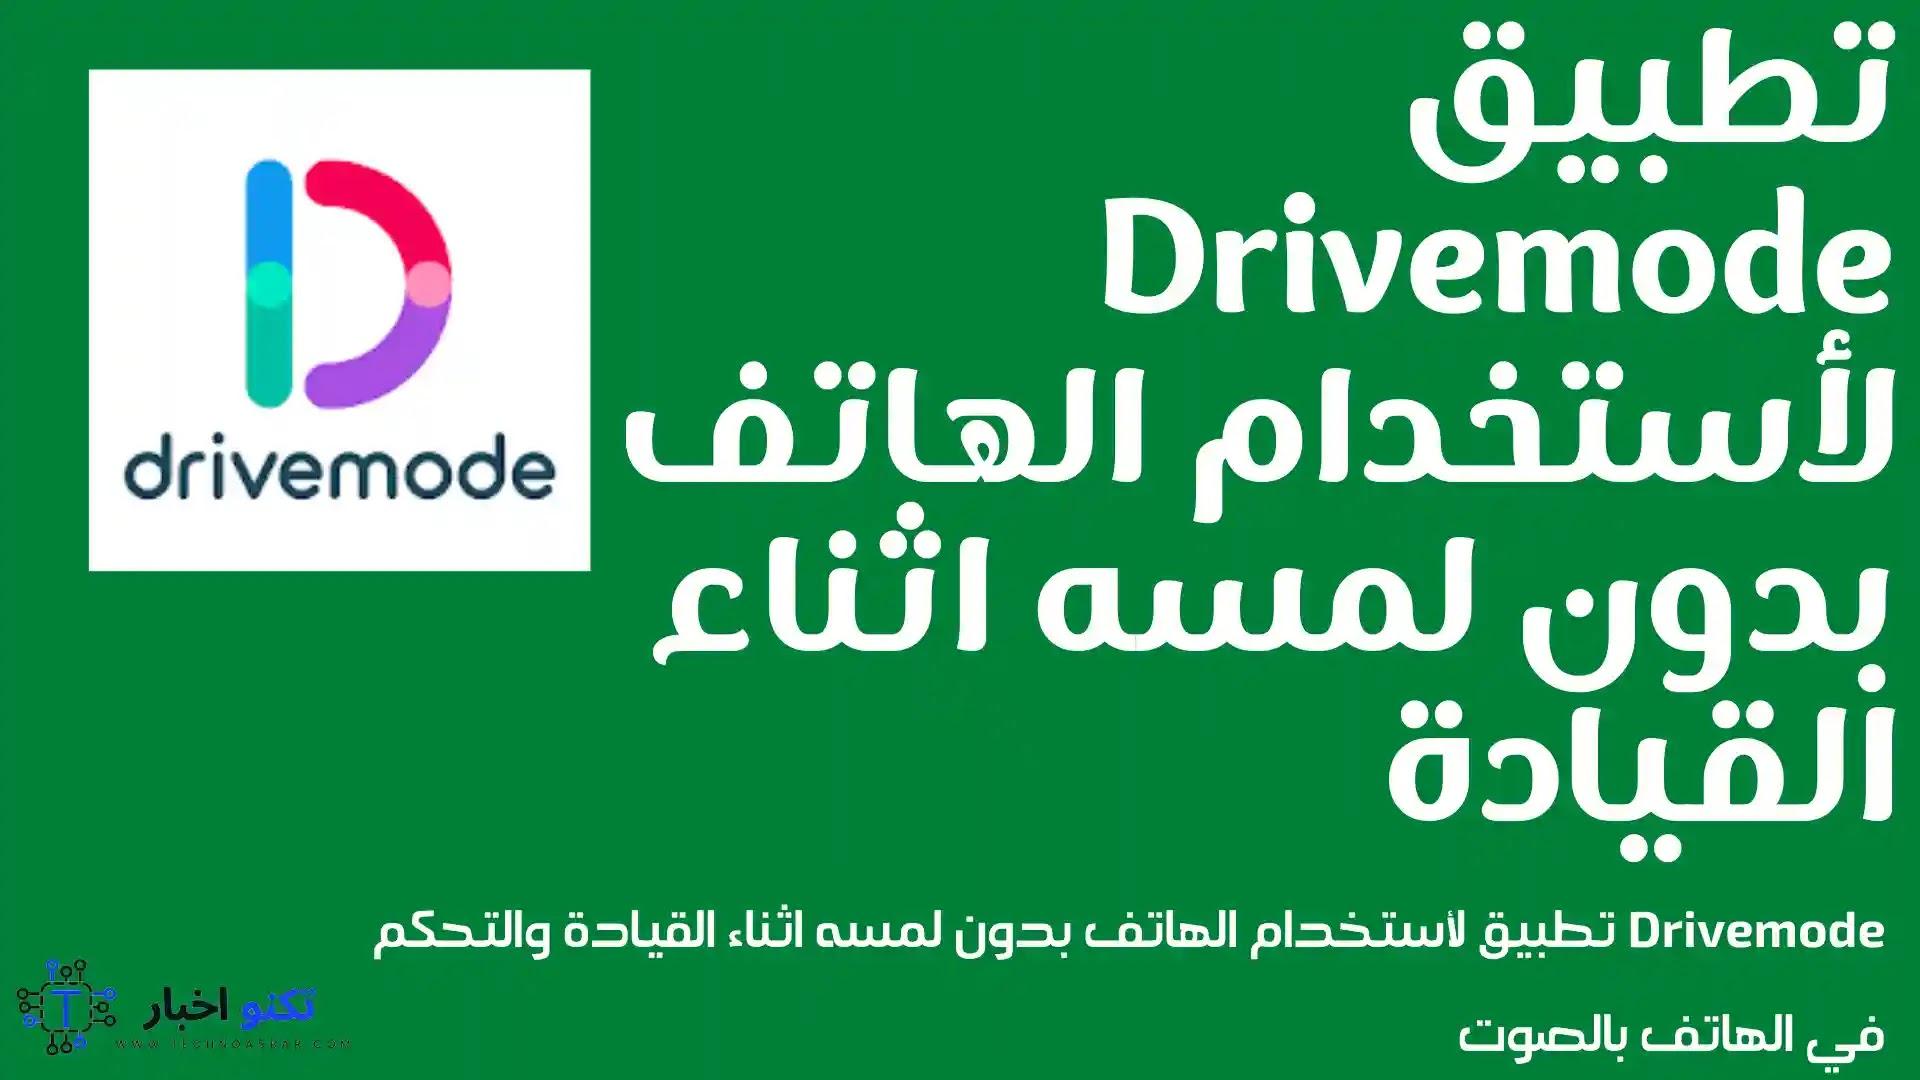 Drivemode تطبيق لأستخدام الهاتف بدون لمسه اثناء القيادة والتحكم في الهاتف بالصوت